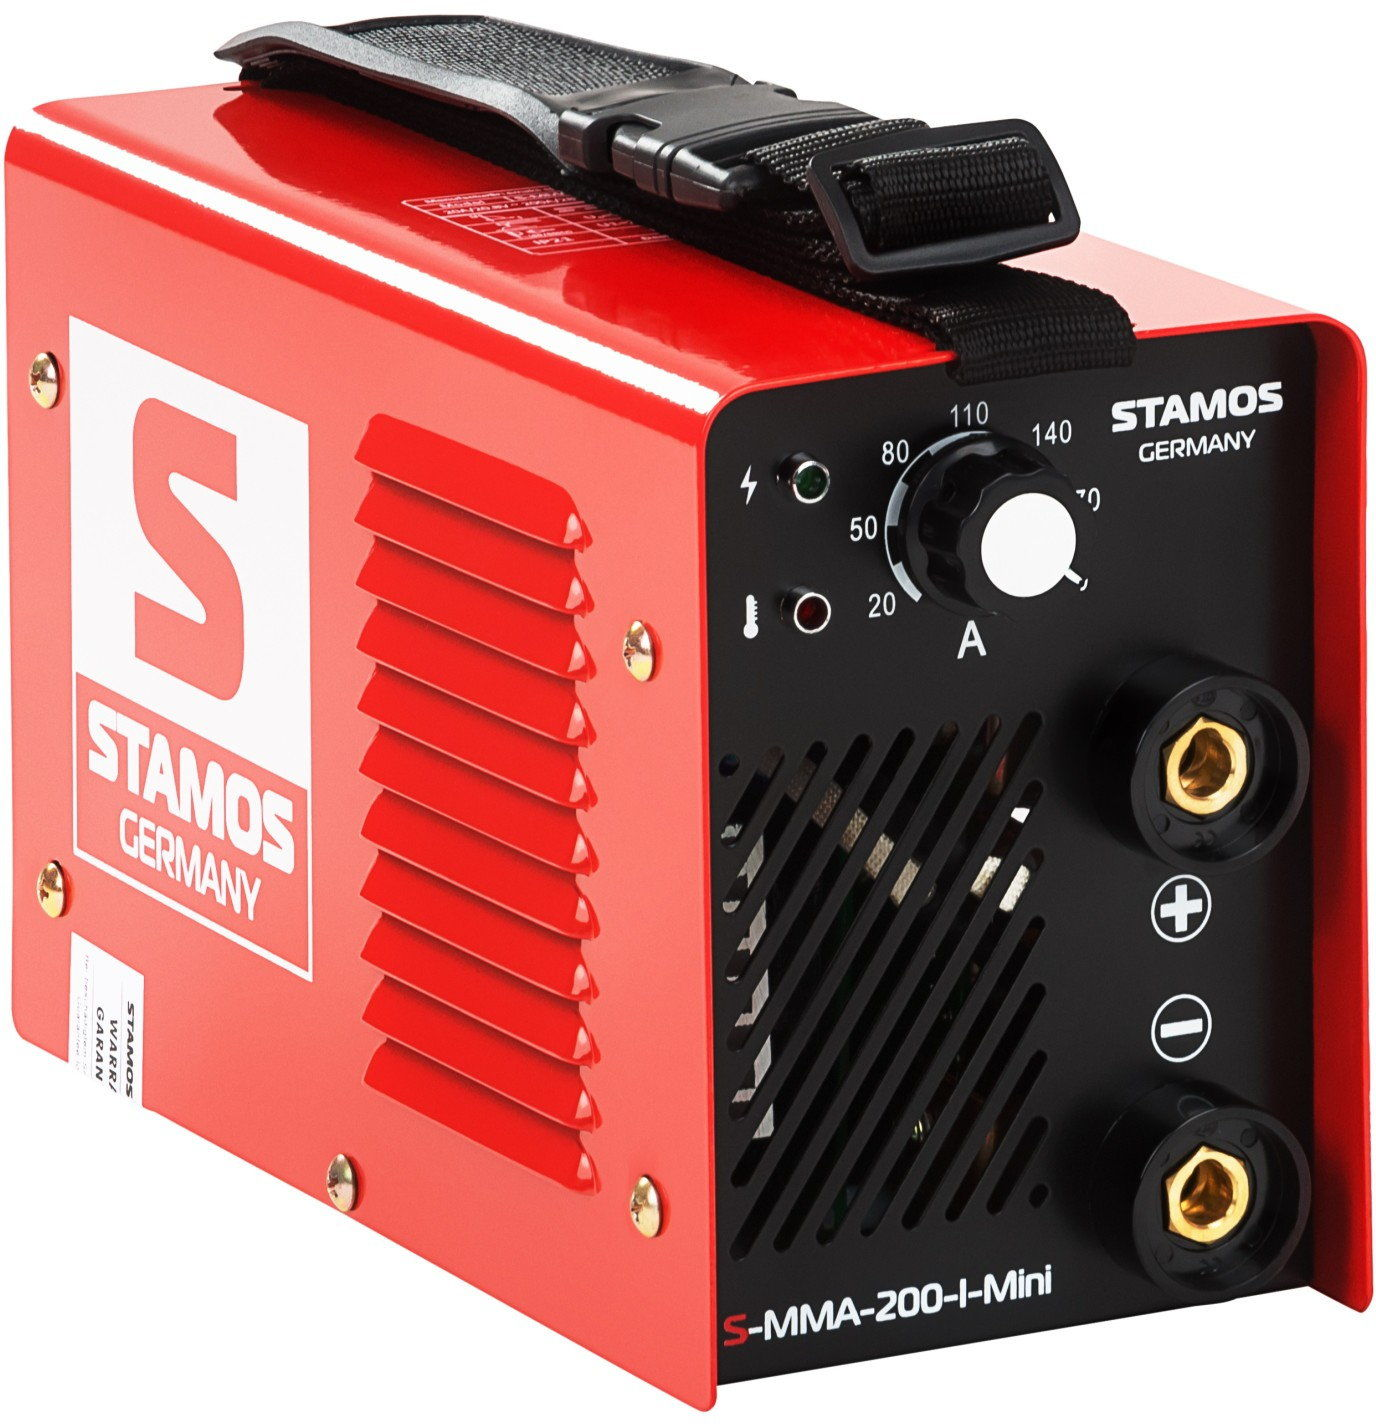 Spawarka MMA - 200 A - 230 V - IGBT + Maska spawalnicza - Sub Zero - Easy - Stamos Basic - S-MMA-200-I-Mini - 3 lata gwarancji/wysyłka w 24h